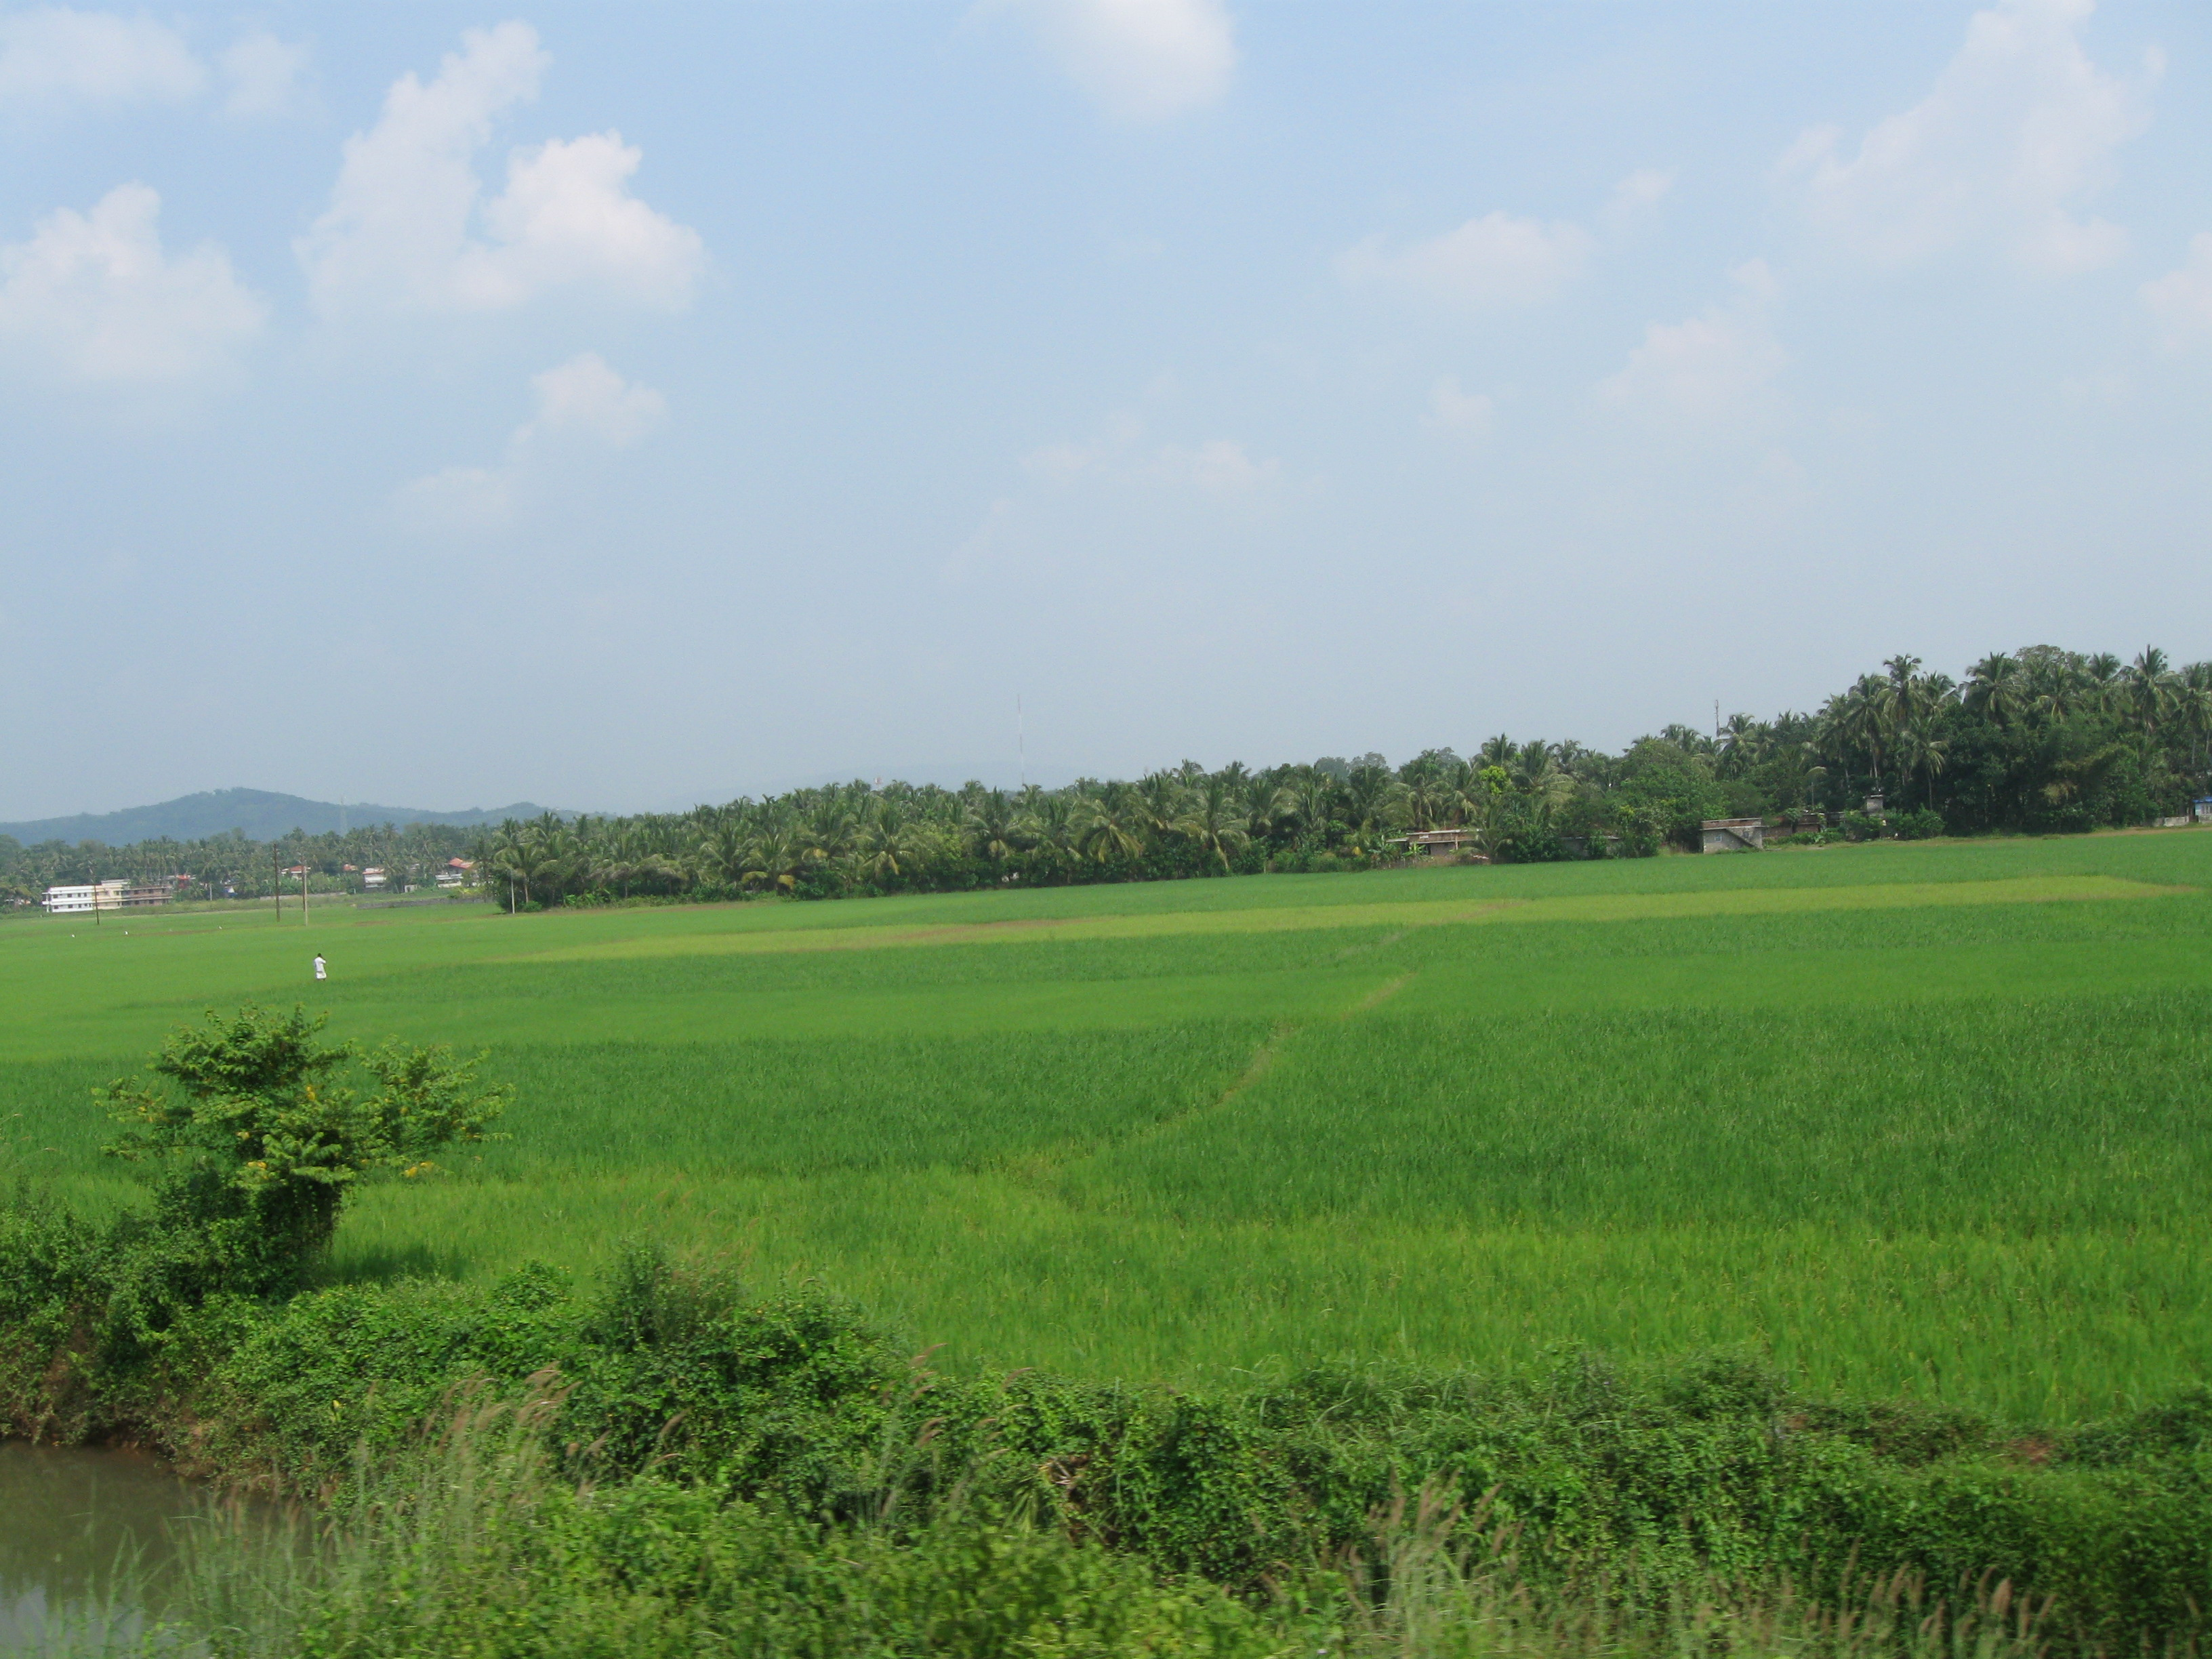 Filepaddy Fields In Kerala Jpg Wikimedia Commons